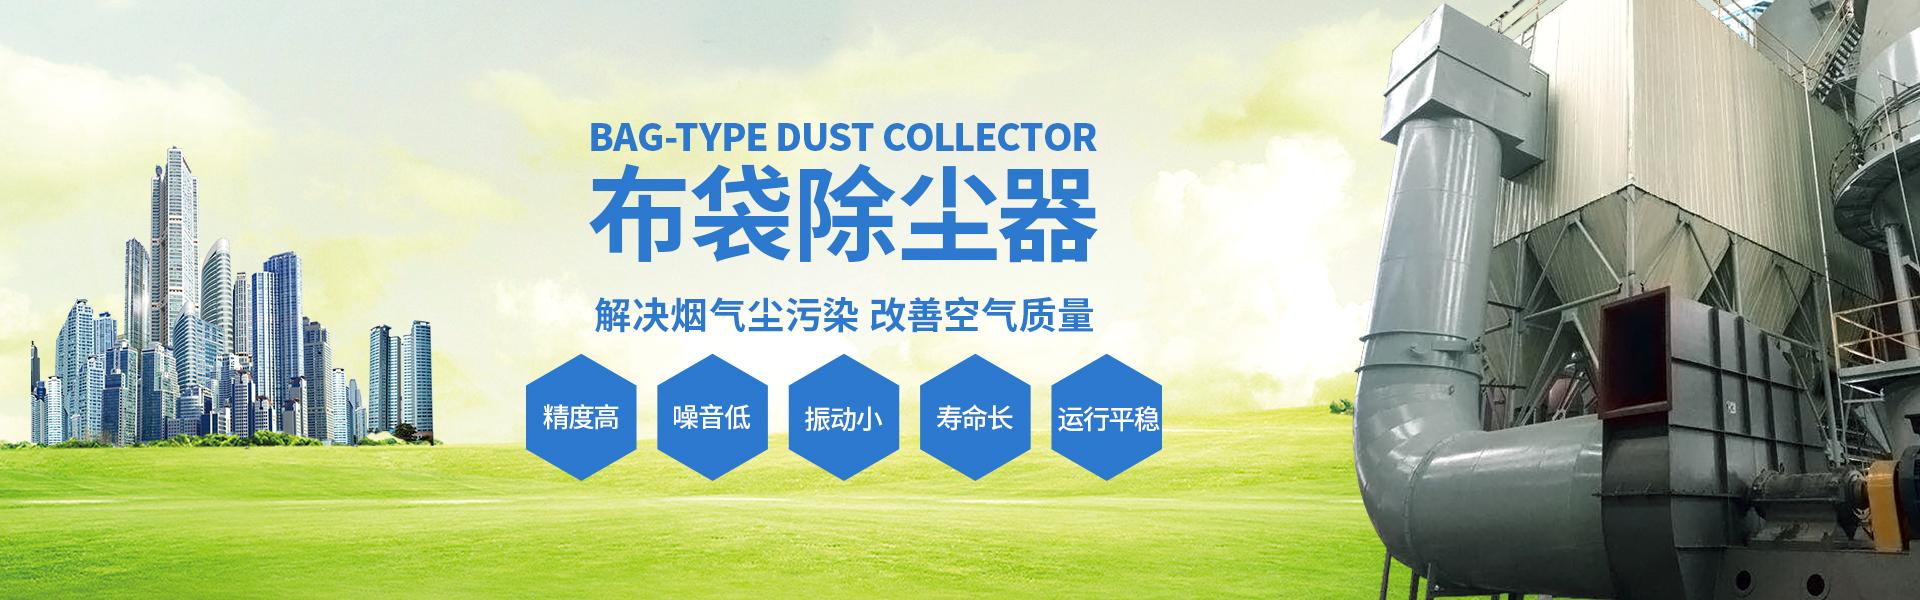 肇庆市华航环保设备发展有限公司不仅是一家脱硫脱硝的环保公司,而且专营除尘器、废气处理、脱硫除尘设备、工业水处理设备等环保设备的生产厂家。